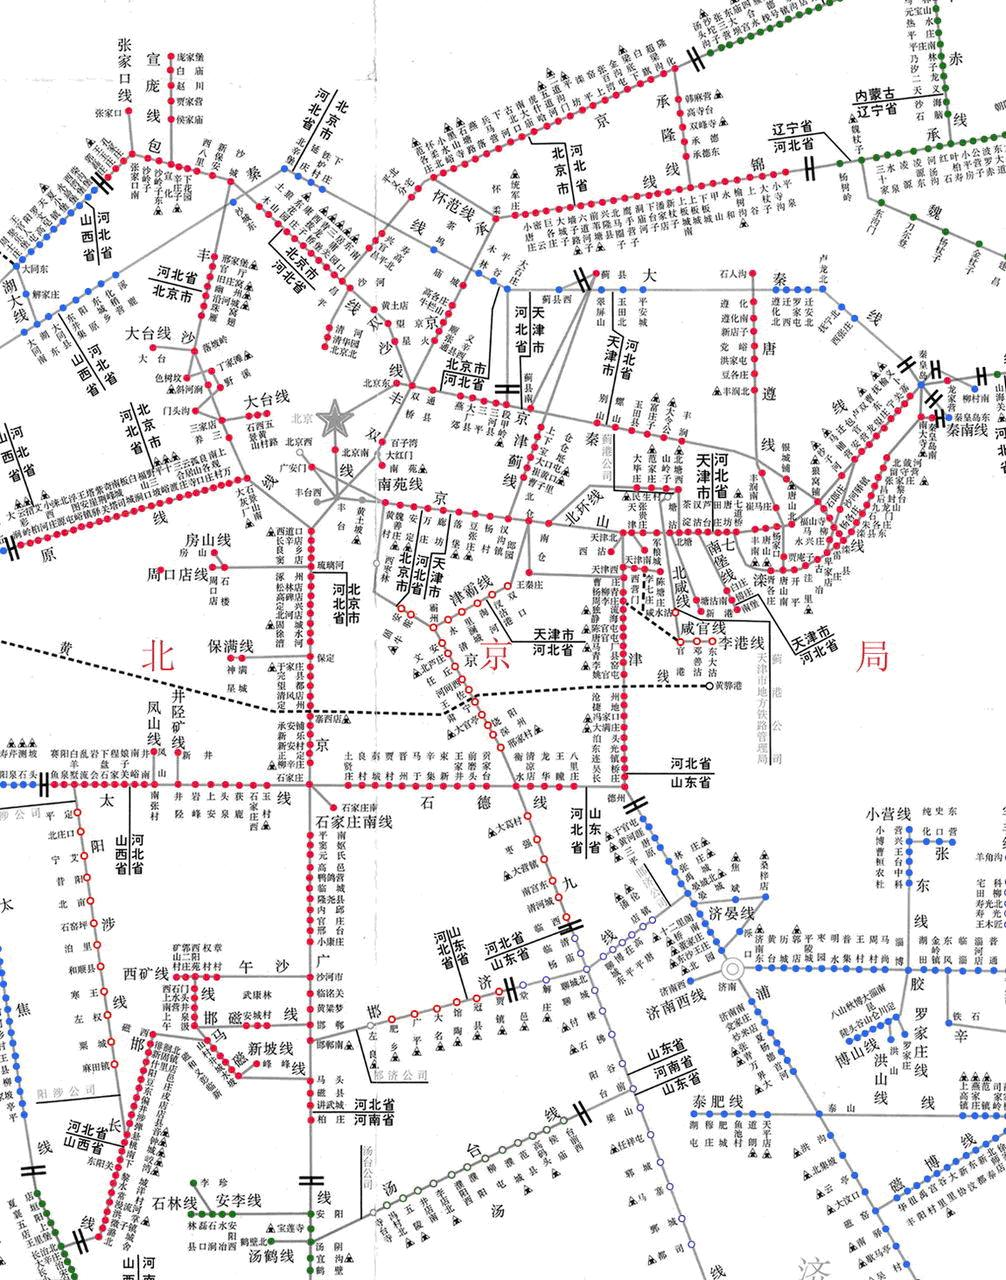 北京铁路局路线图